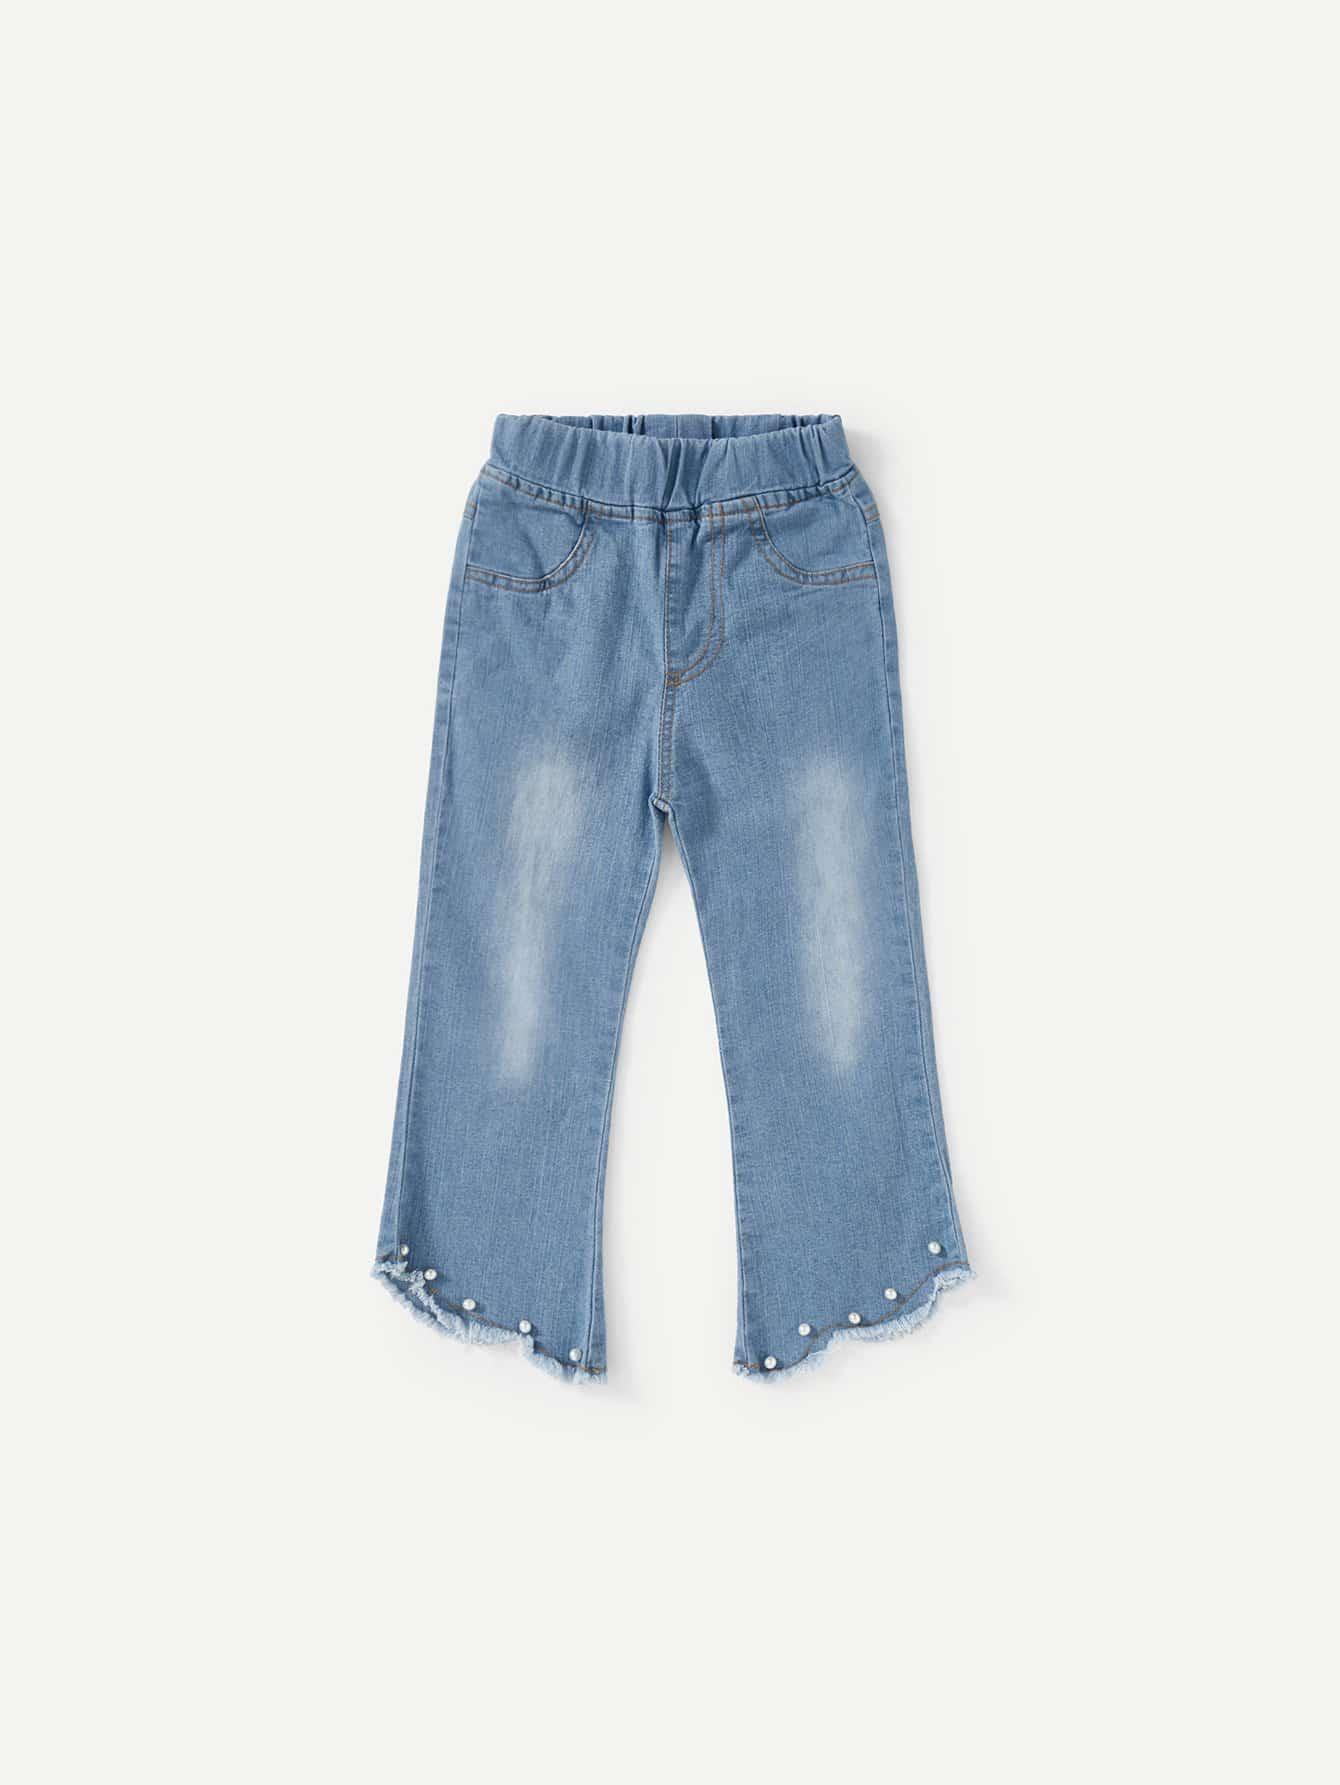 Kids Pearls Raw Hem Wash Jeans